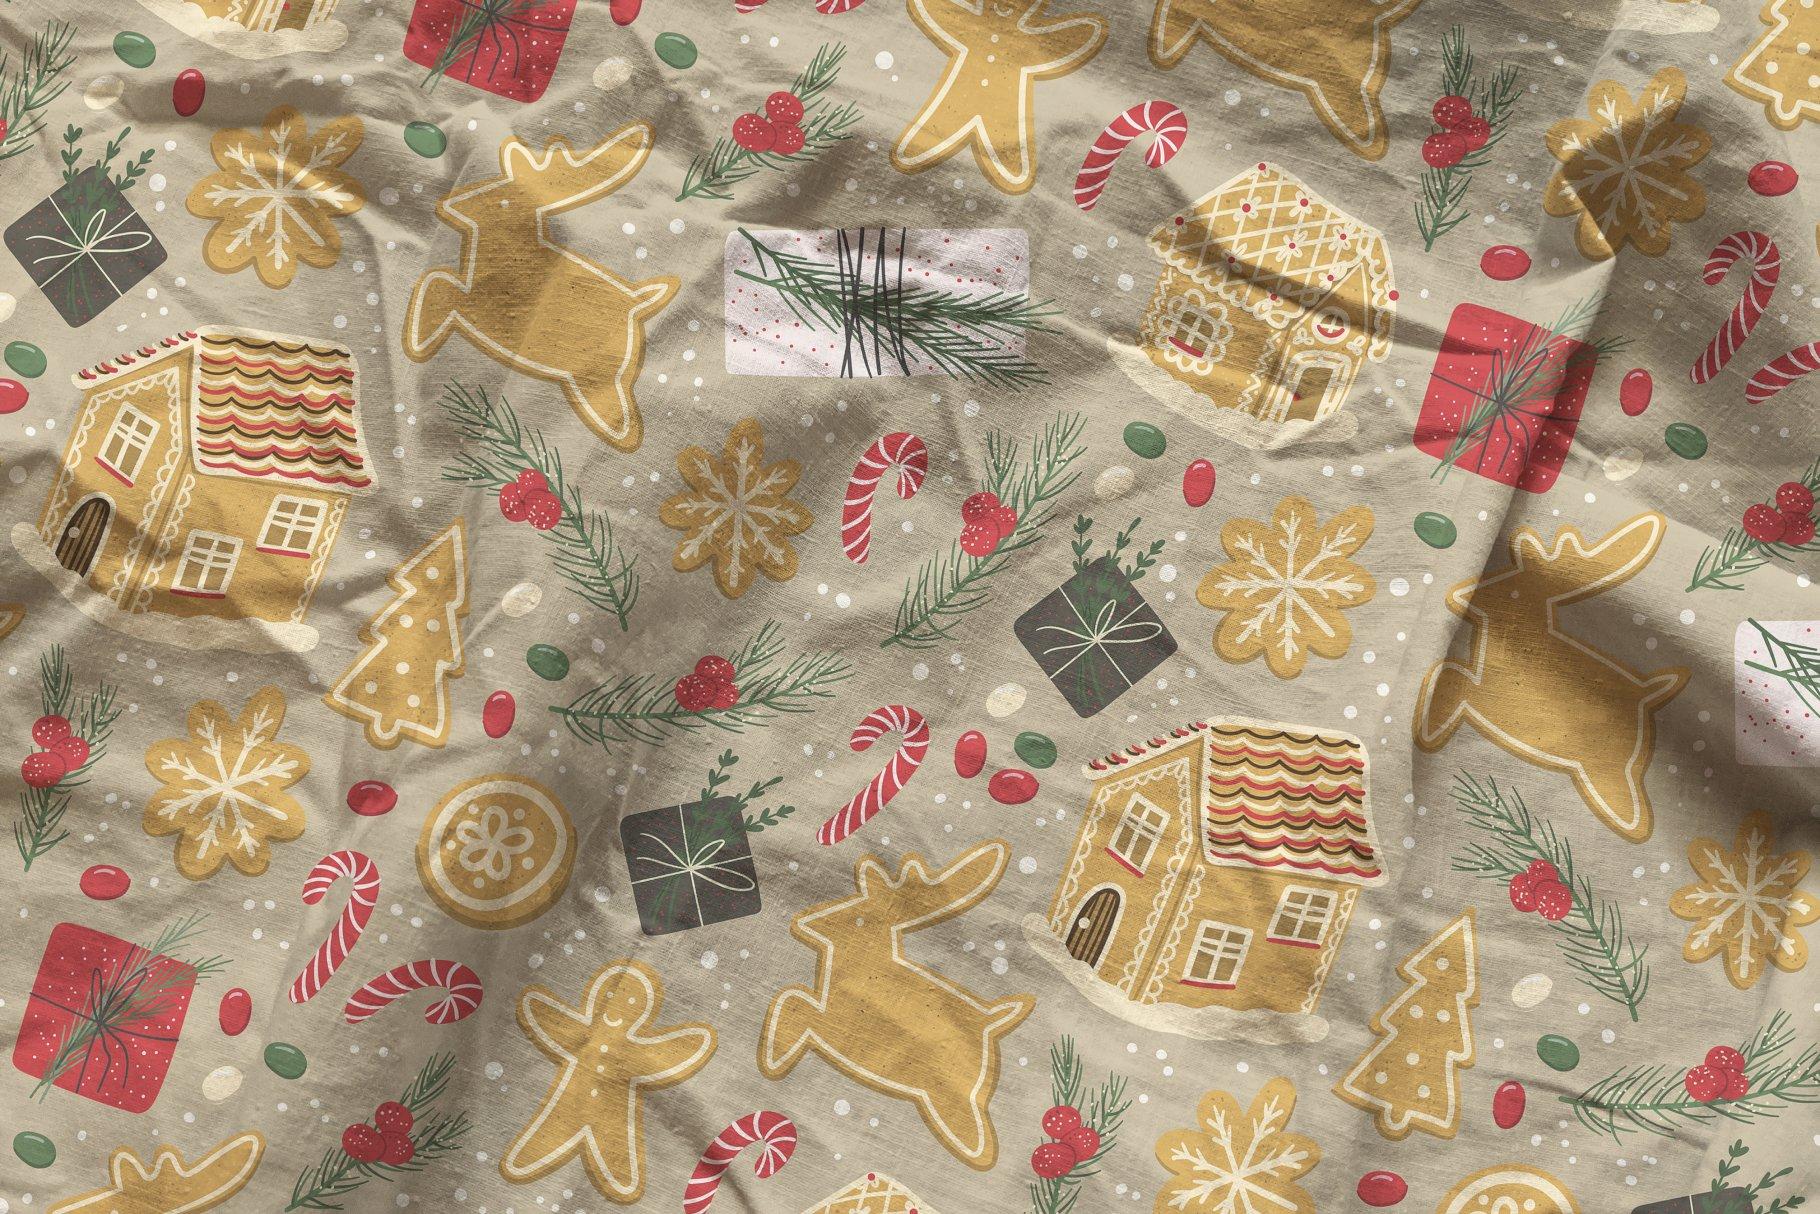 褶皱纺织面料布料印花图案设计PS贴图样机模板 Cotton Fabric Mockup插图6